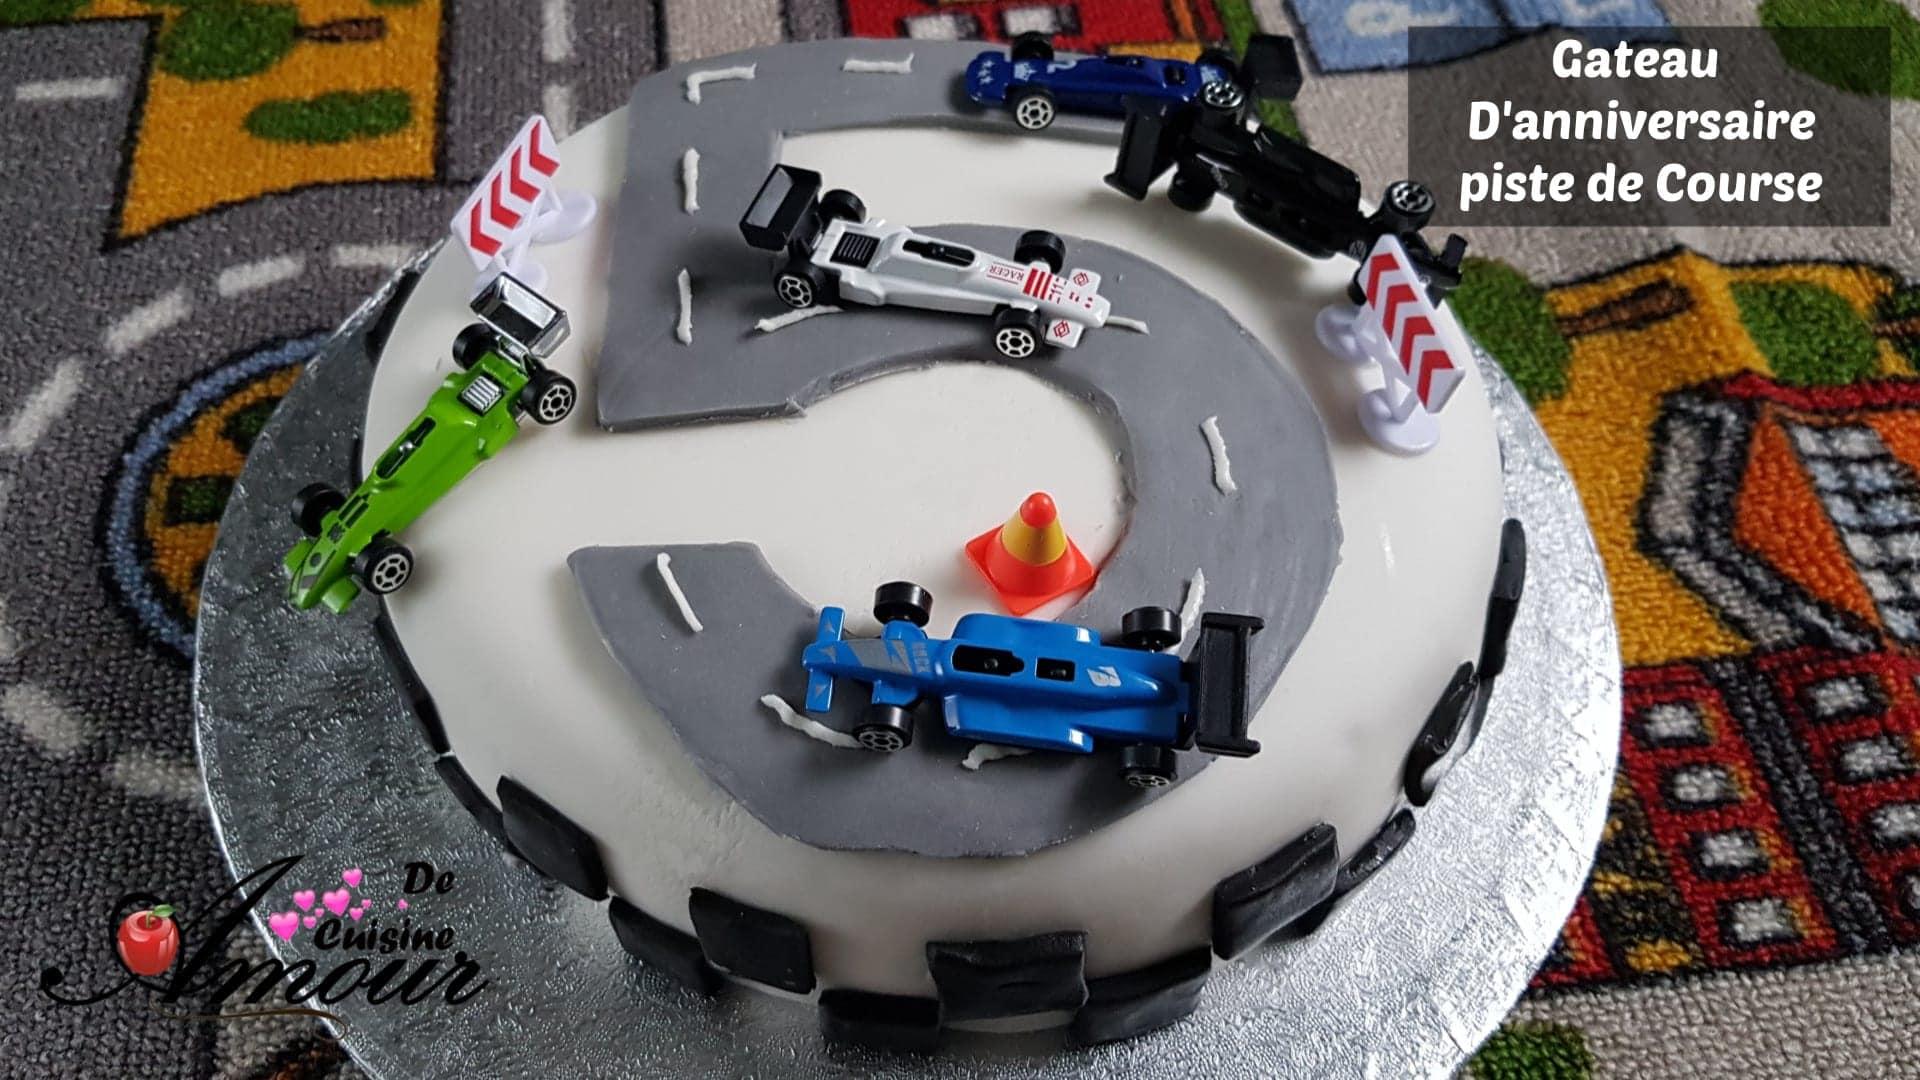 gateau d'anniversaire pour garçon piste de Course